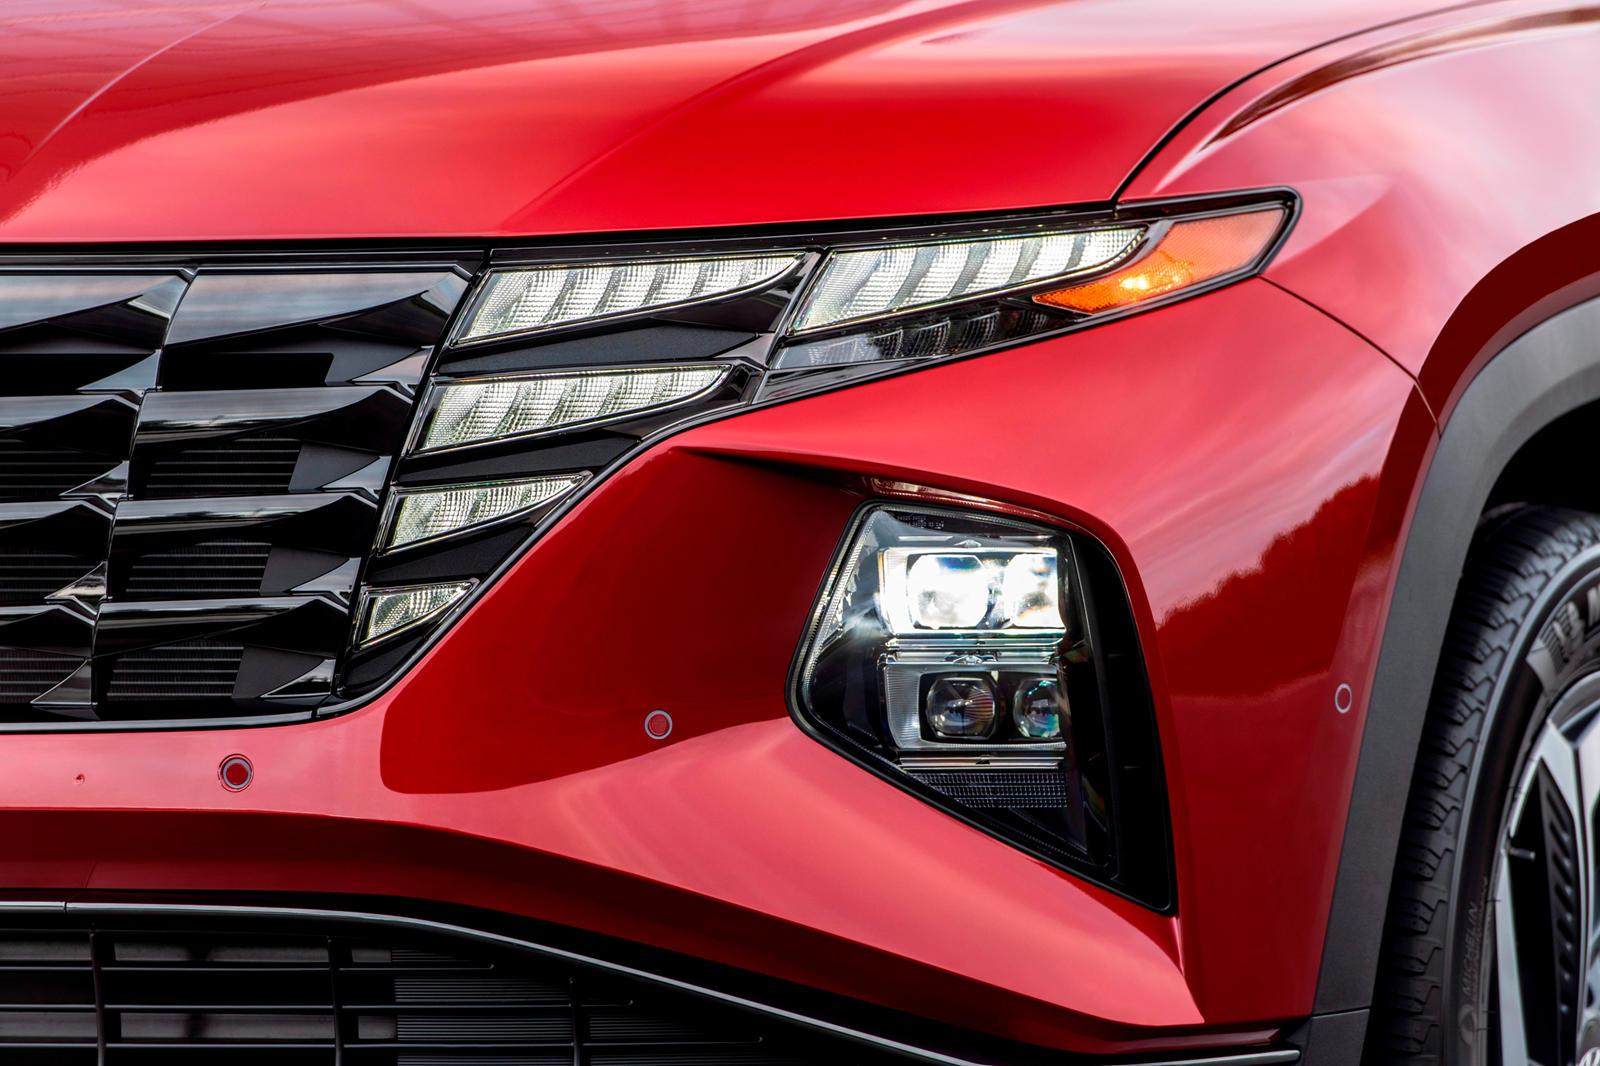 Hyundai Tucson полон технологических достижений, но одна из особенностей, которыми бренд особенно гордится, - это система освещения внедорожника. Фары и задние фонари являются определяющими чертами нового автомобиля и сыграли важную роль в том, чтобы